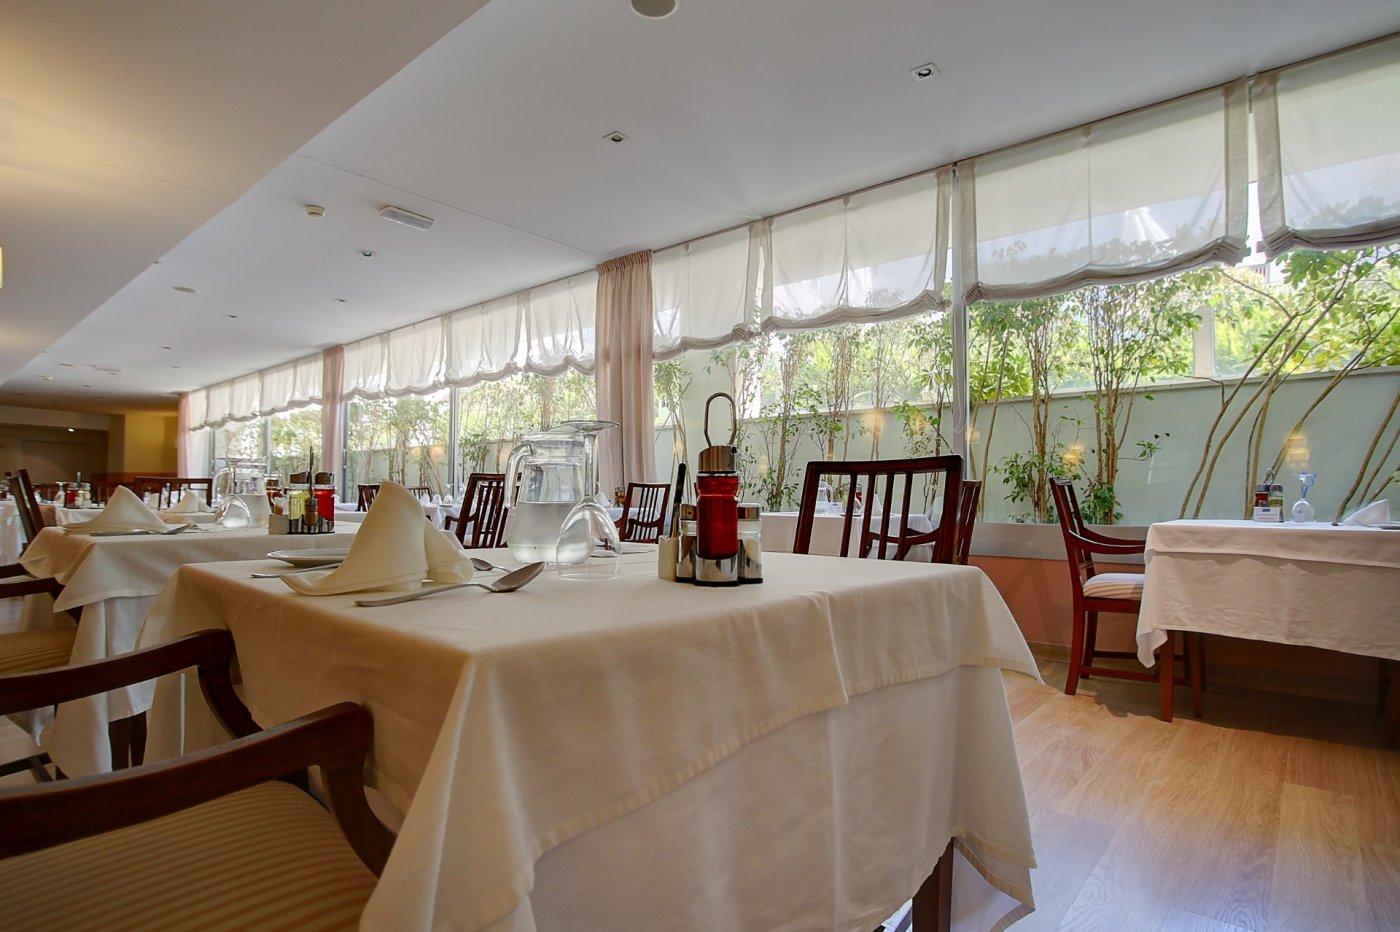 Apartamento en venta las arcadias - general riera. - imagenInmueble11